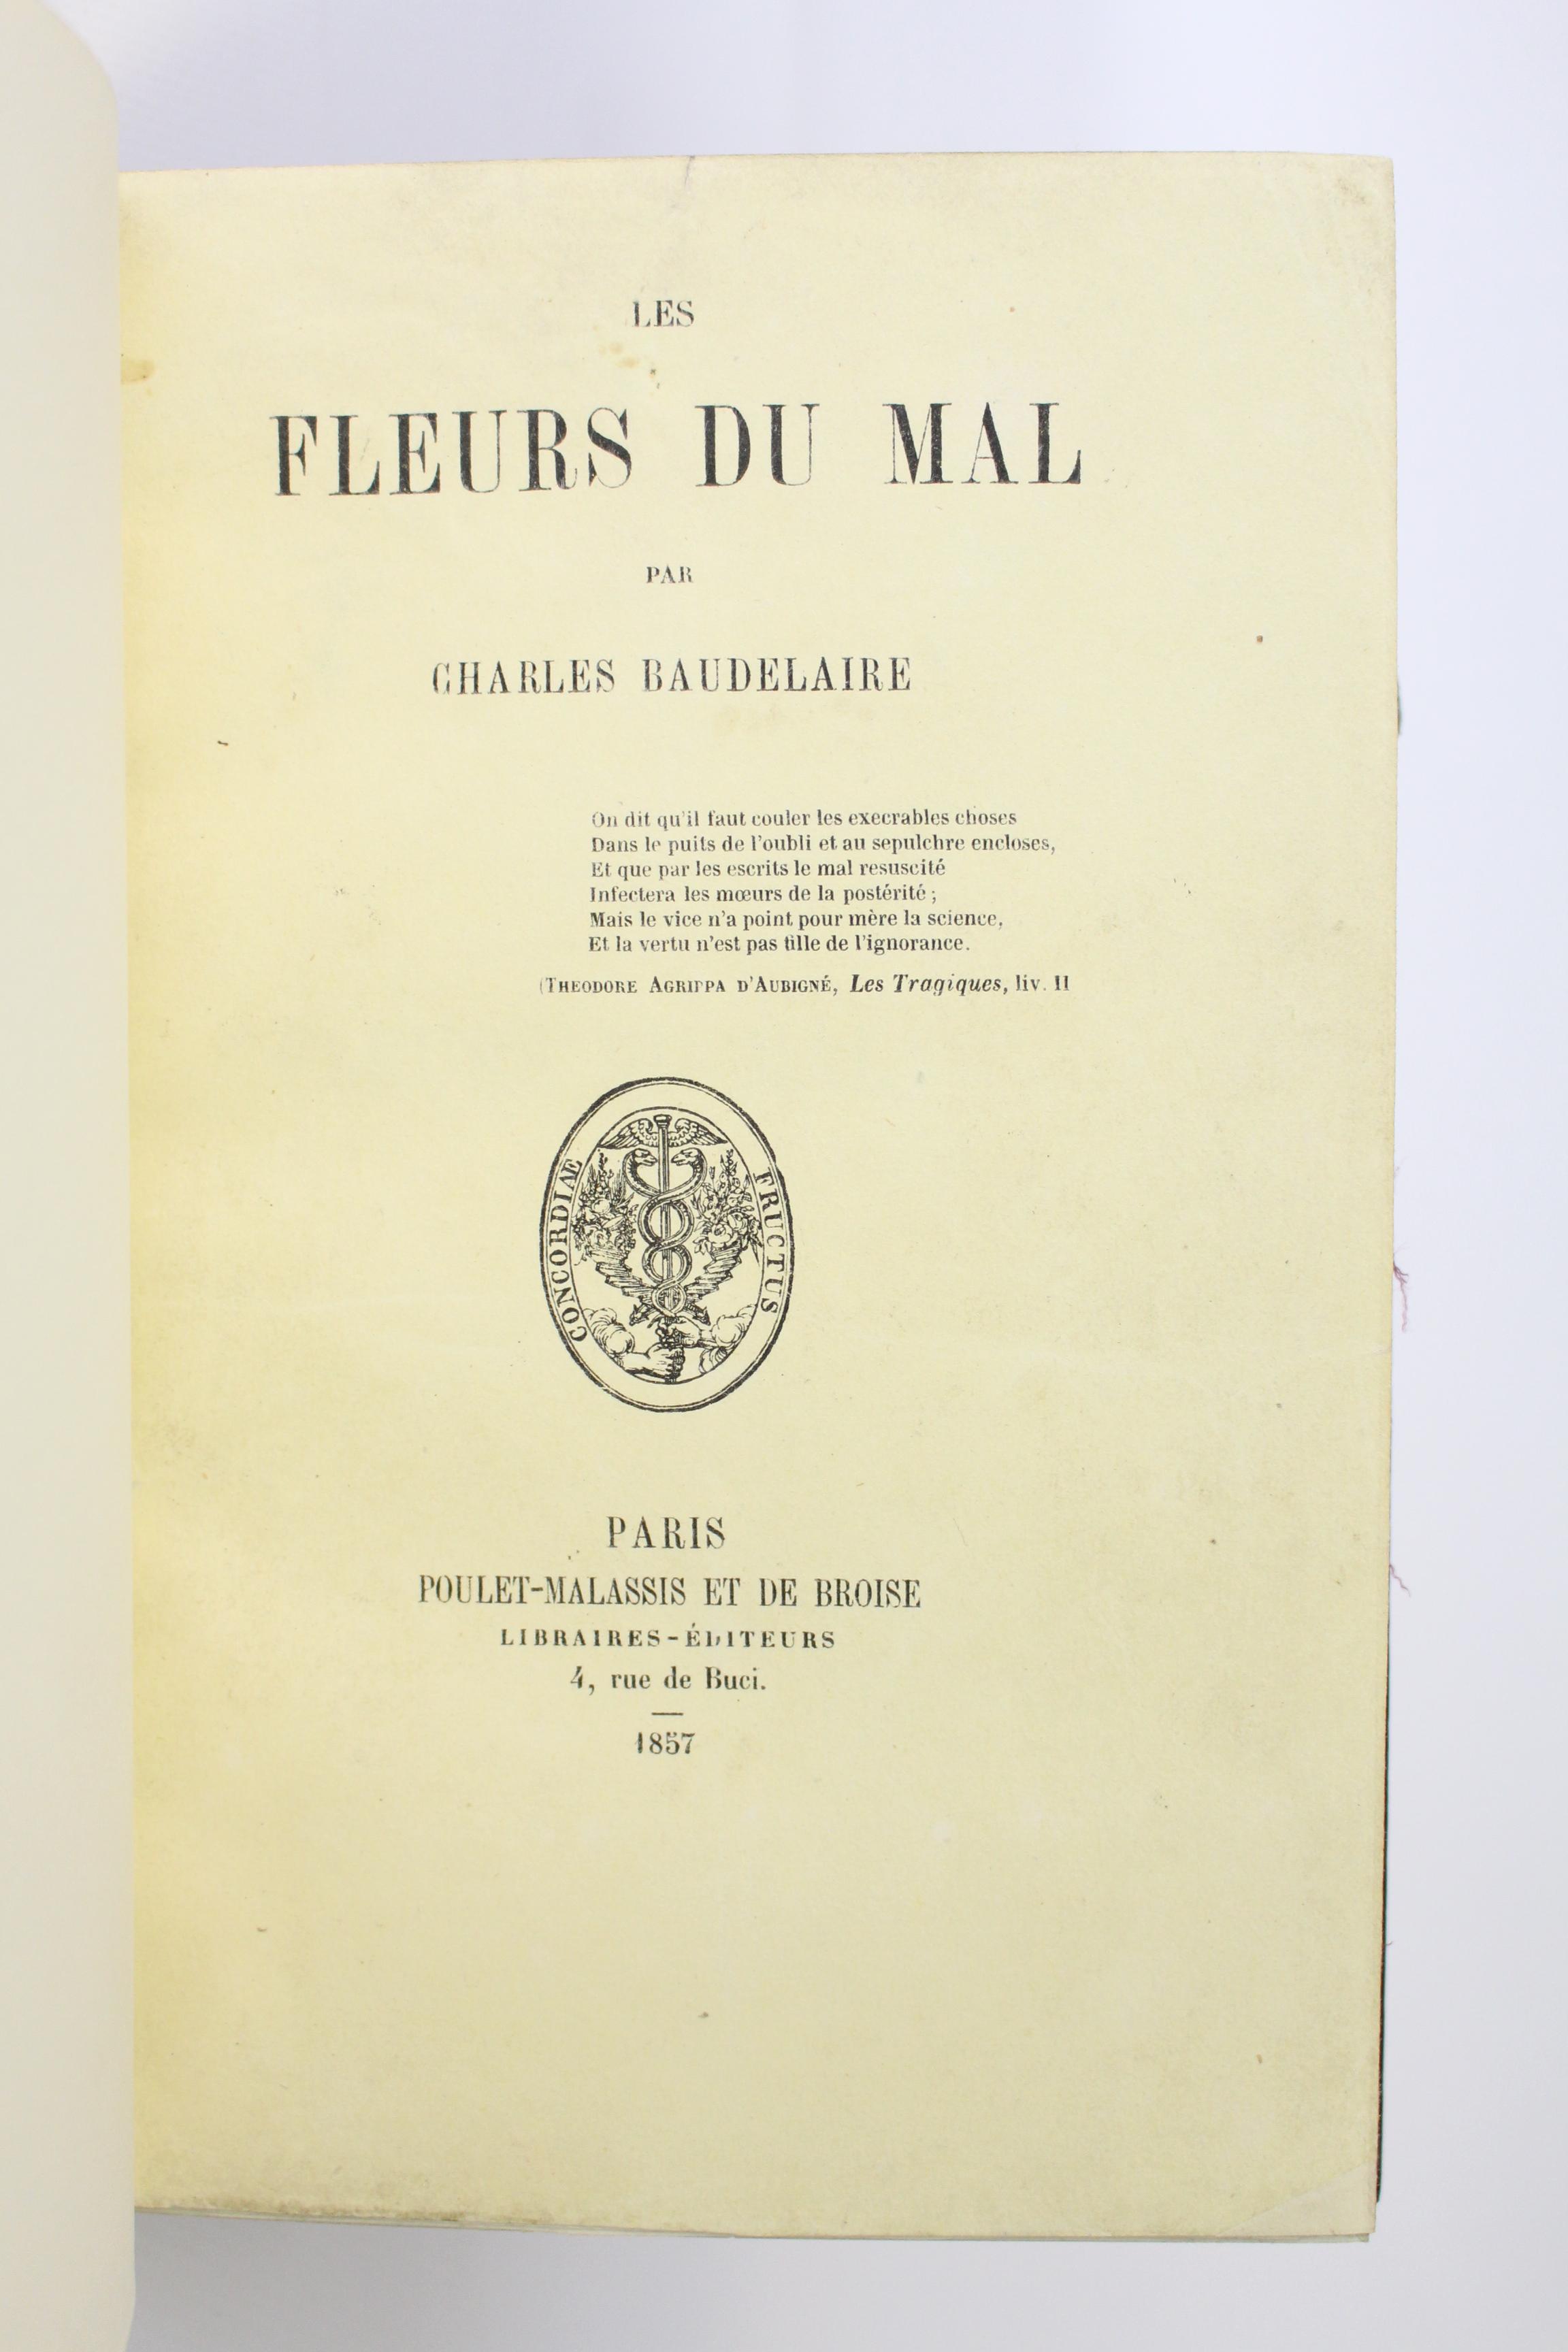 Couverture des Fleurs du Mal de Baudelaire 1857, premier tirage